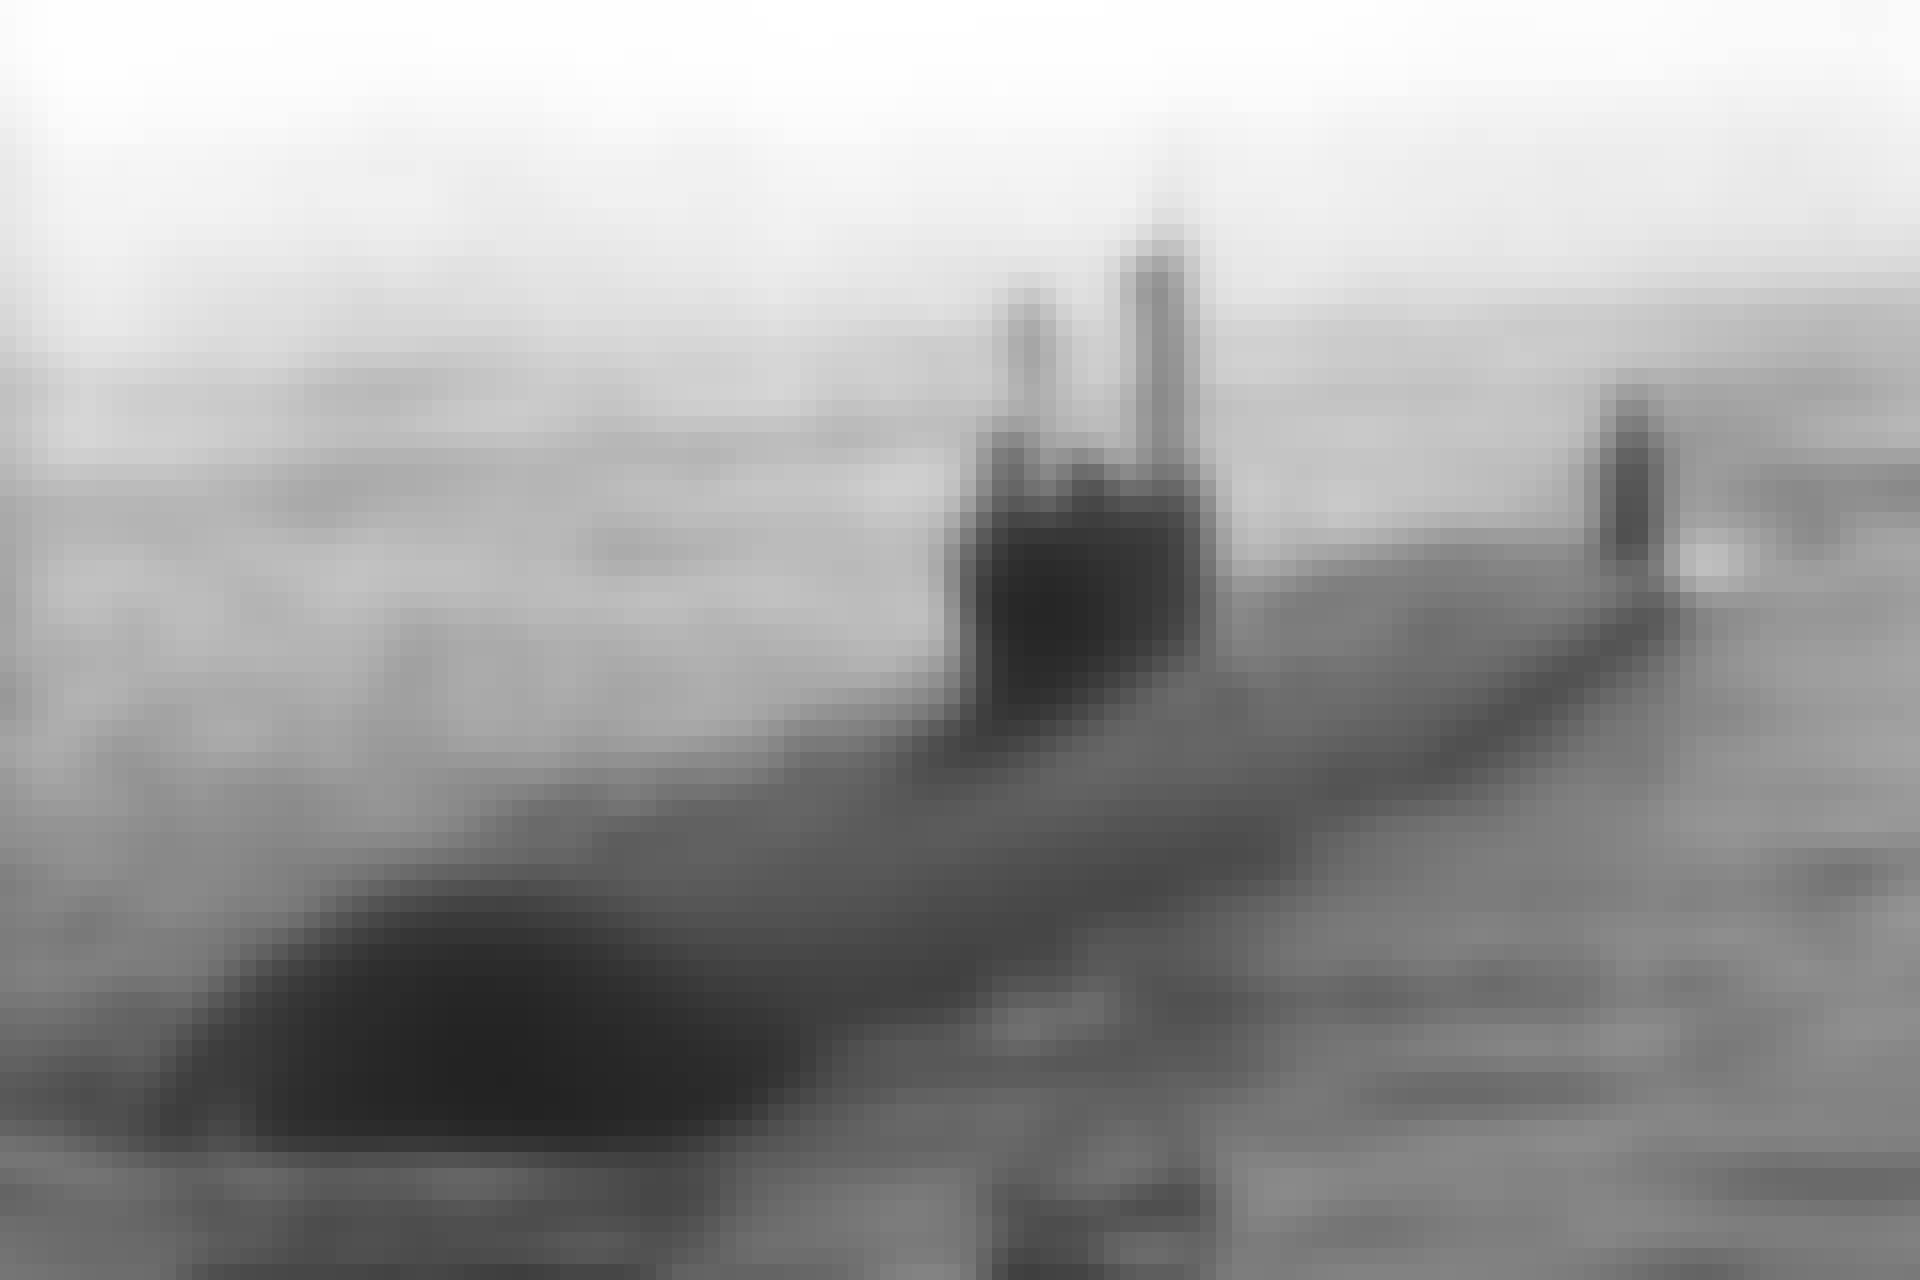 sukellusvene ennätykset topbillede